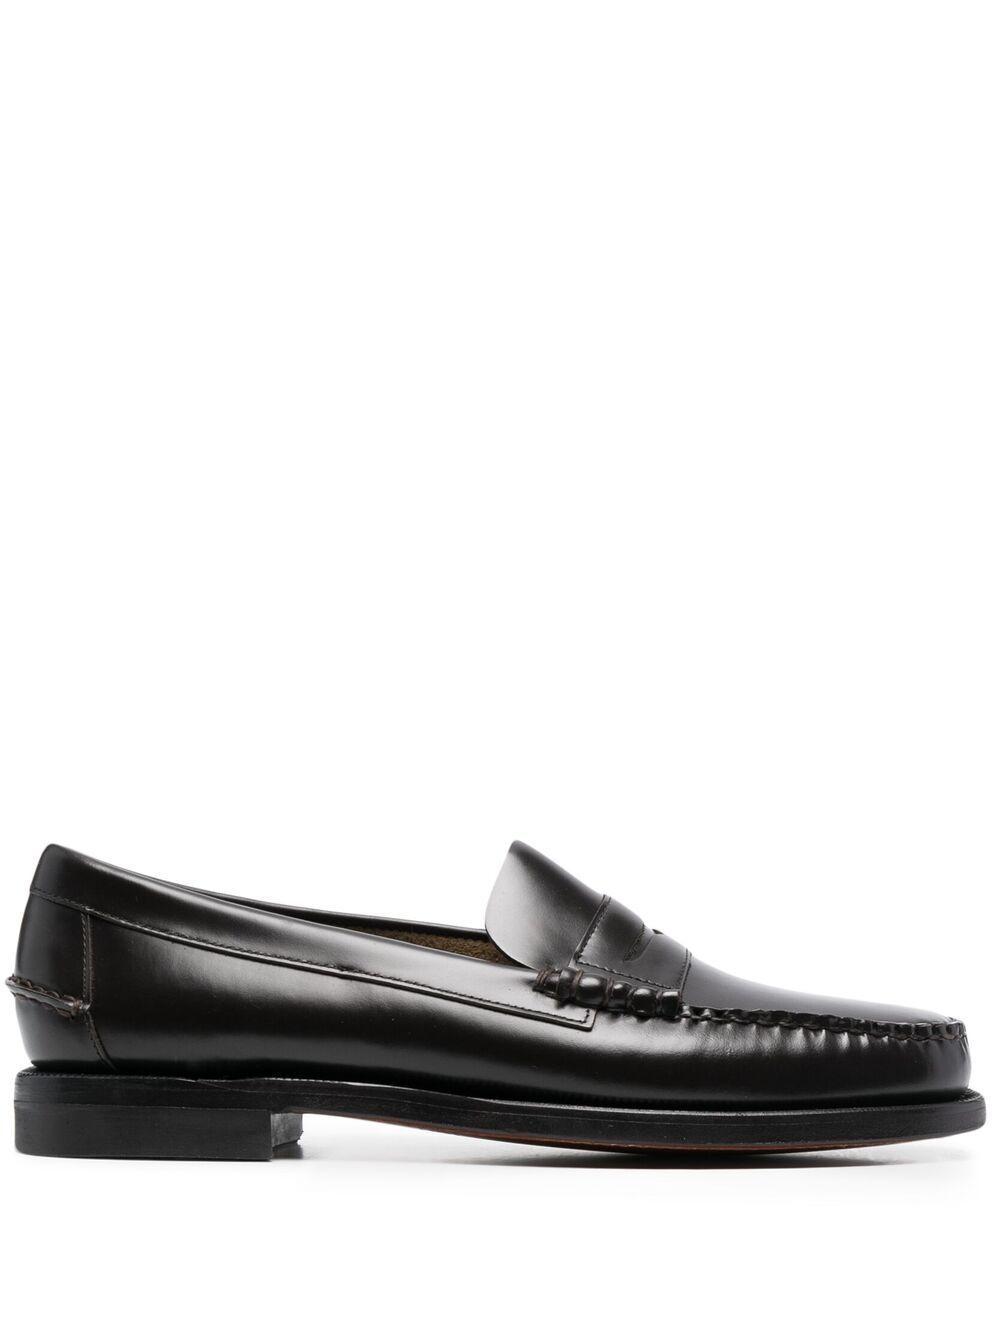 Sebago scarpe basse marrone scuro